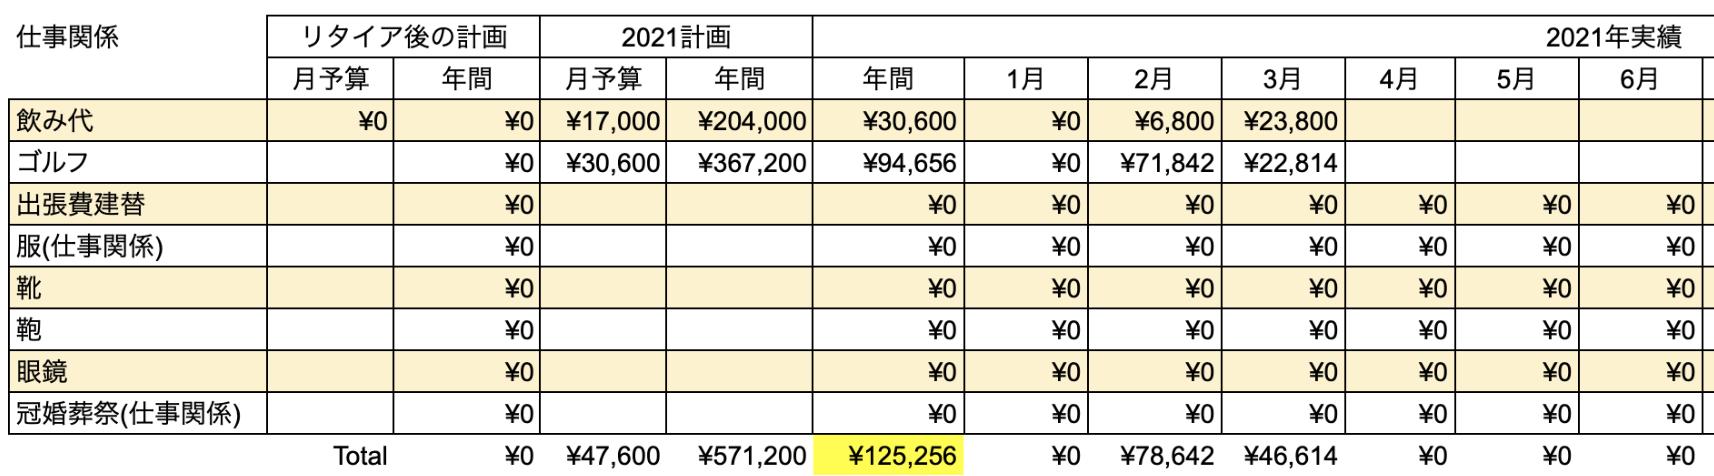 支出実績2021年3月_仕事関係費